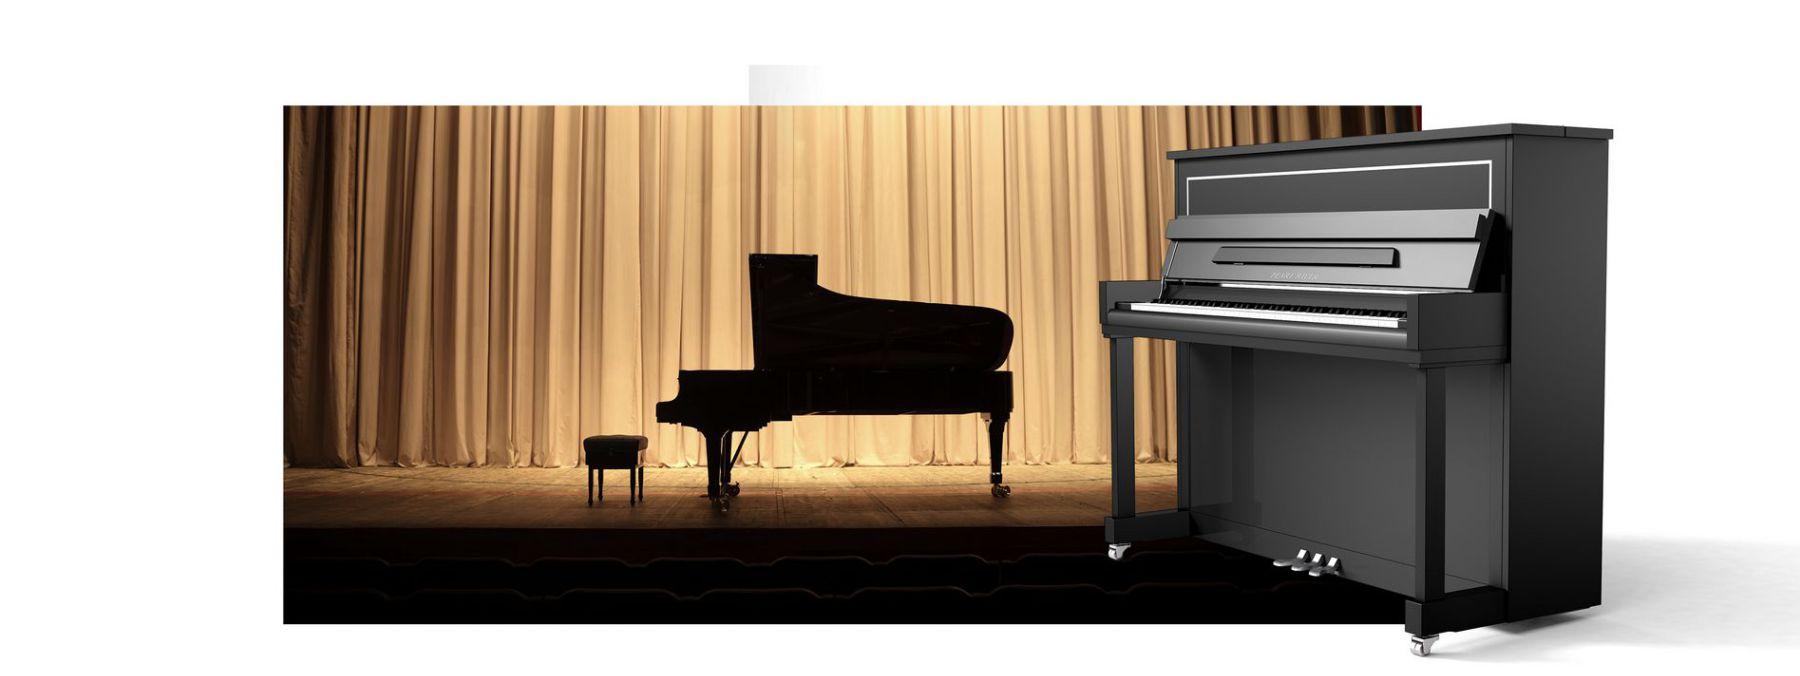 Skelley Piano Pearl River2